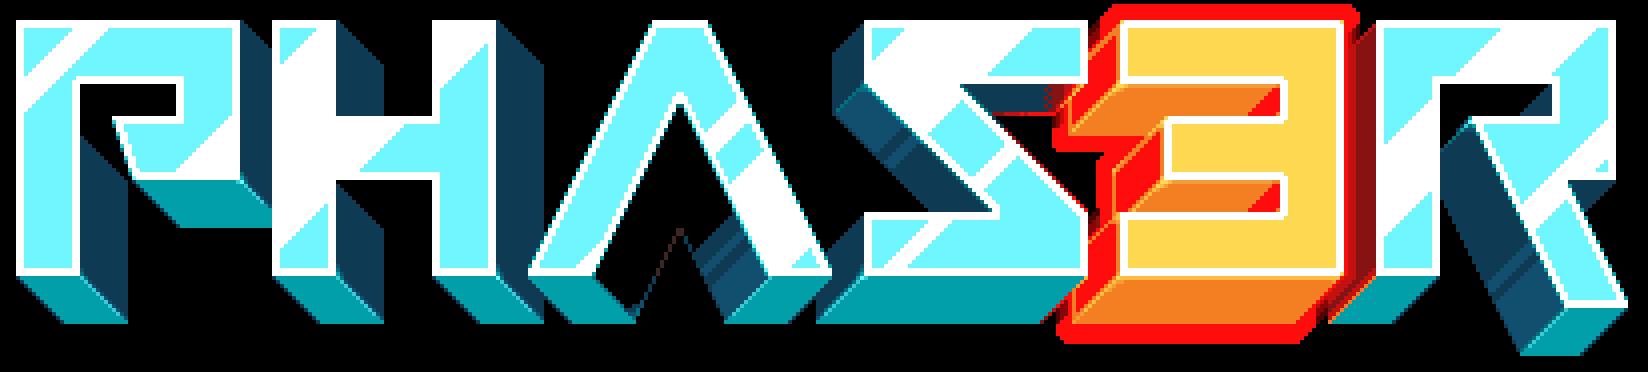 Phaser 3 logo